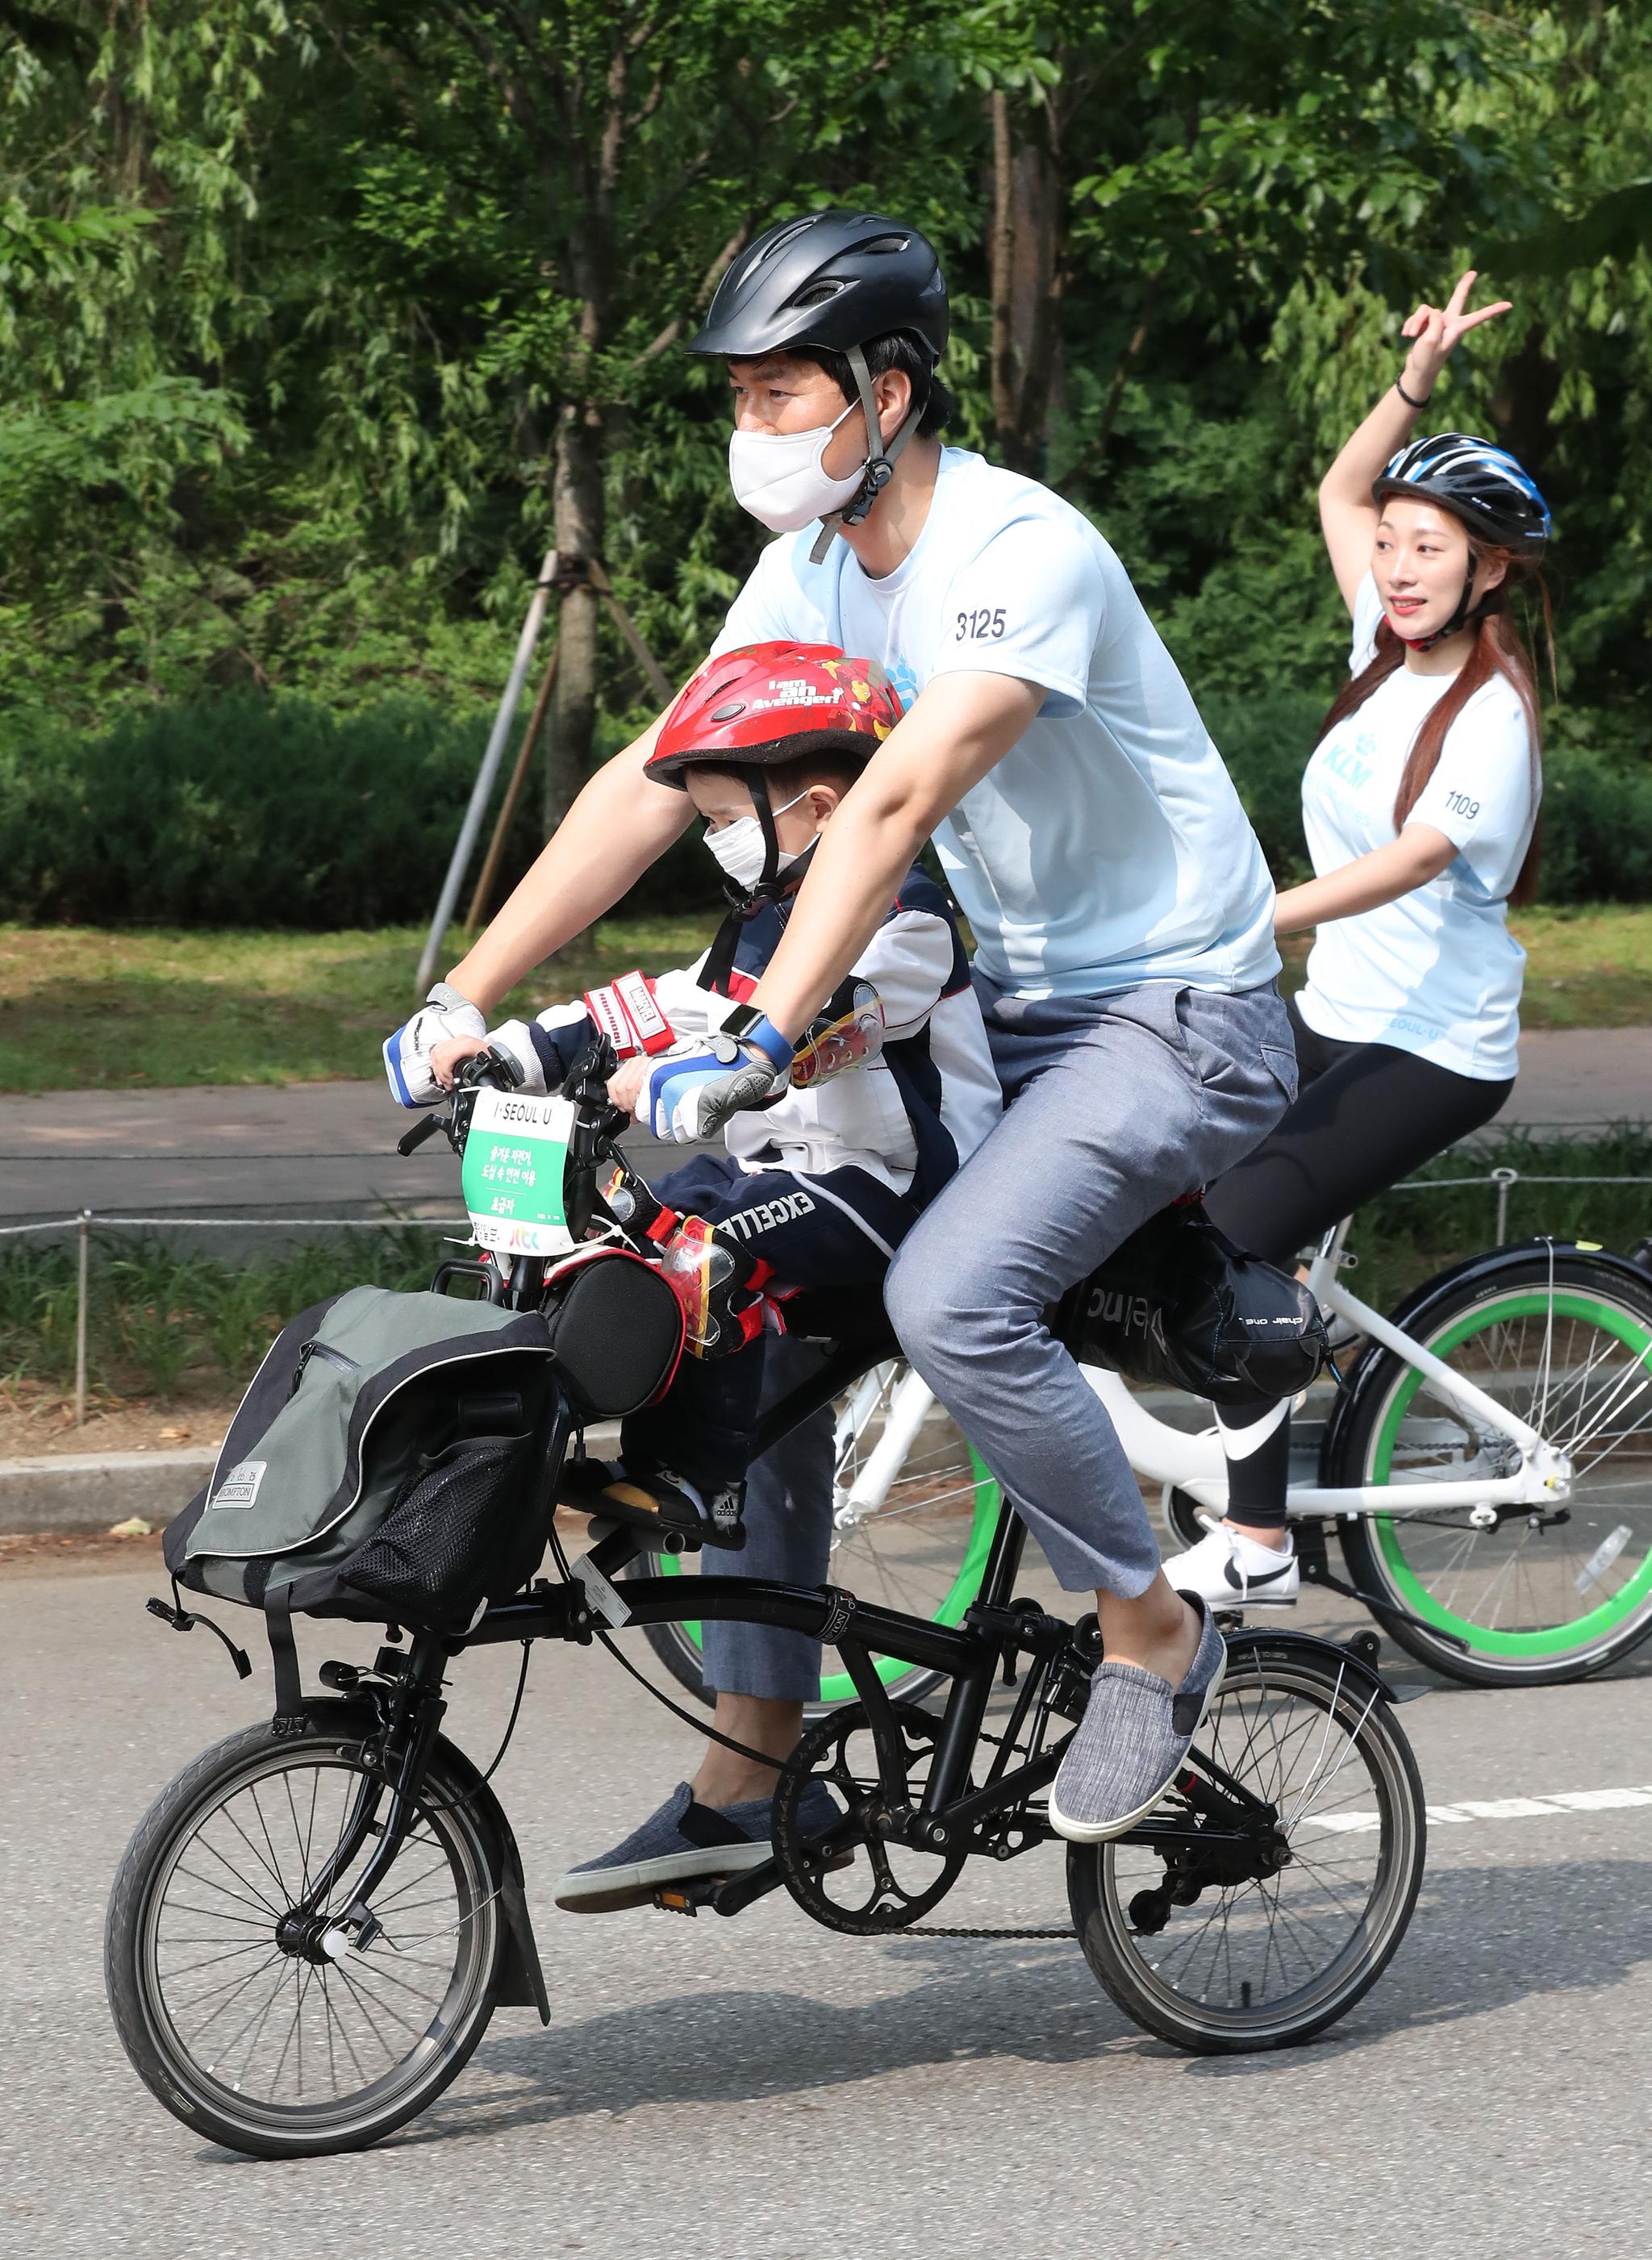 가족 참가자들이 골인지점을 앞두고 자전거를 타고 있다. 우상조 기자